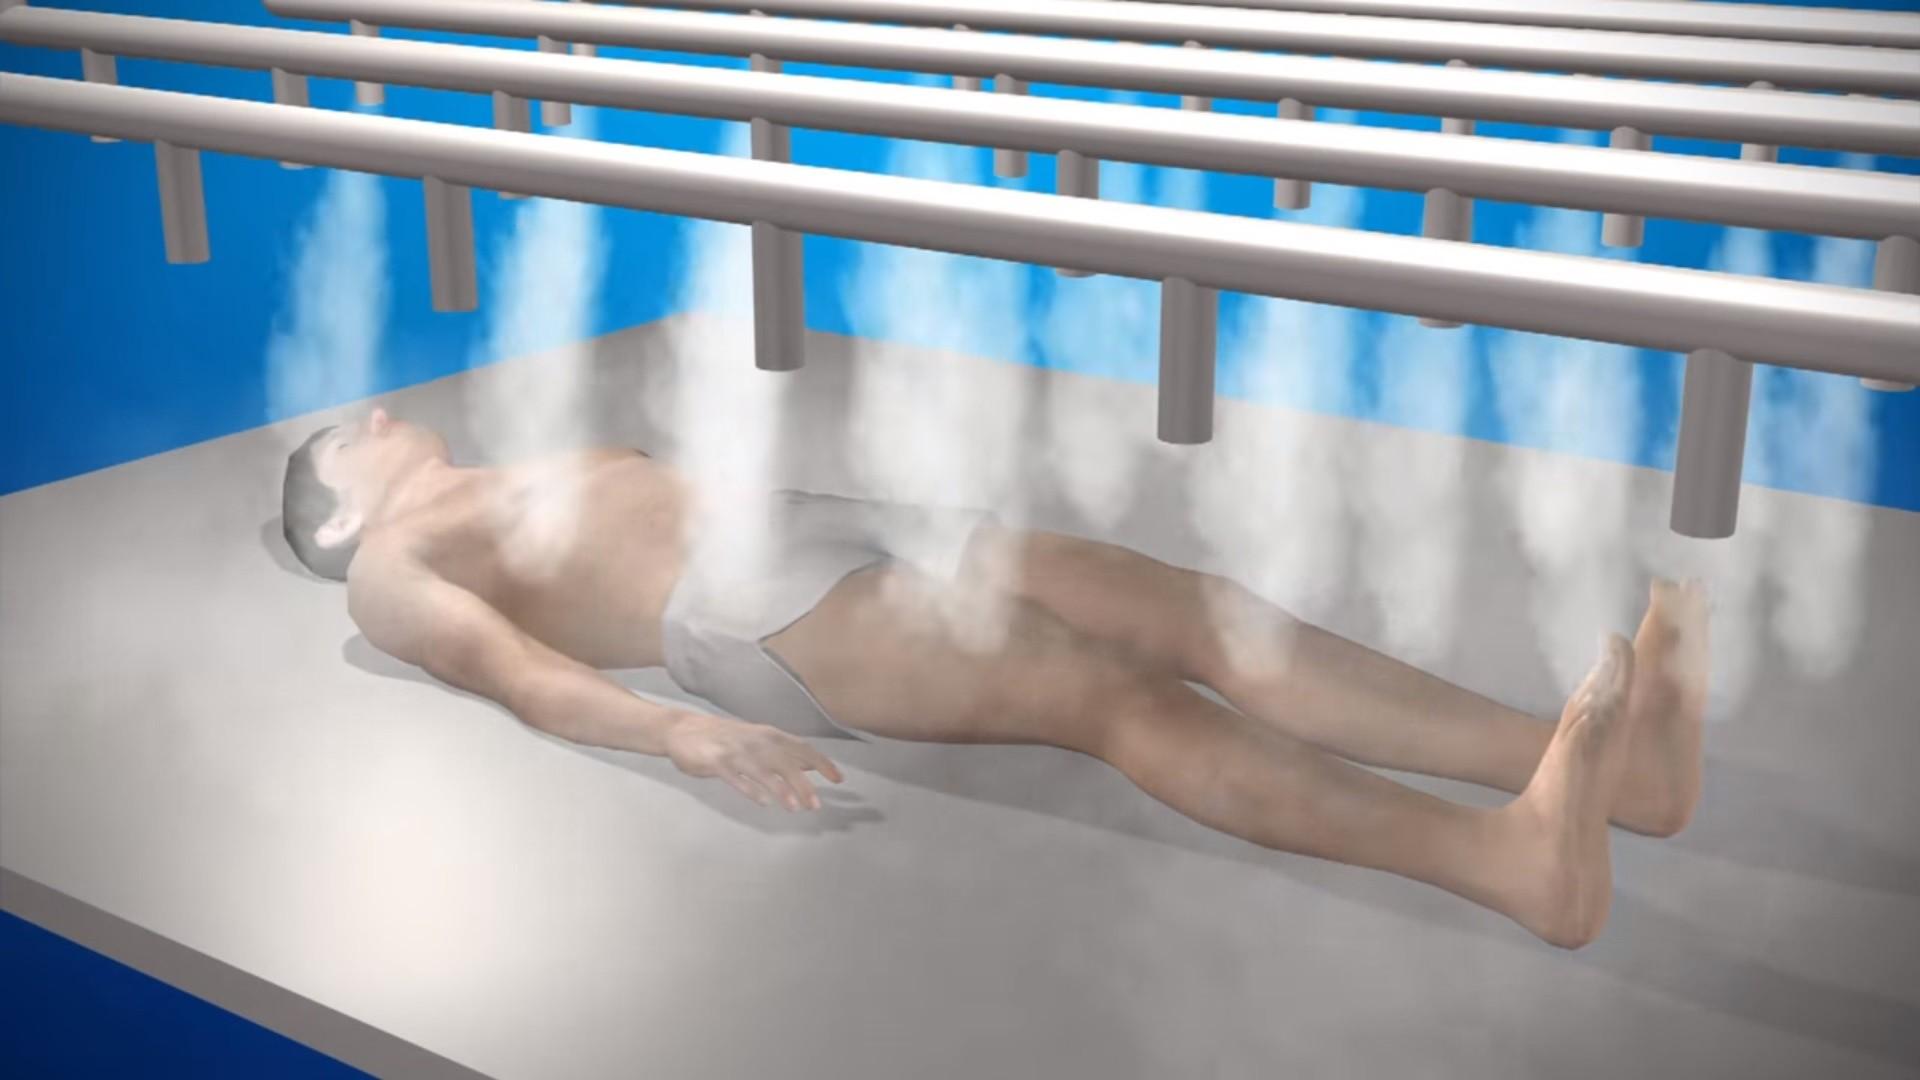 ▲▼瑞典生物學家蘇珊妮(Susanne Wiigh-Mäsak)研究出「冰葬」。(圖/翻攝自YouTube/News Direct)